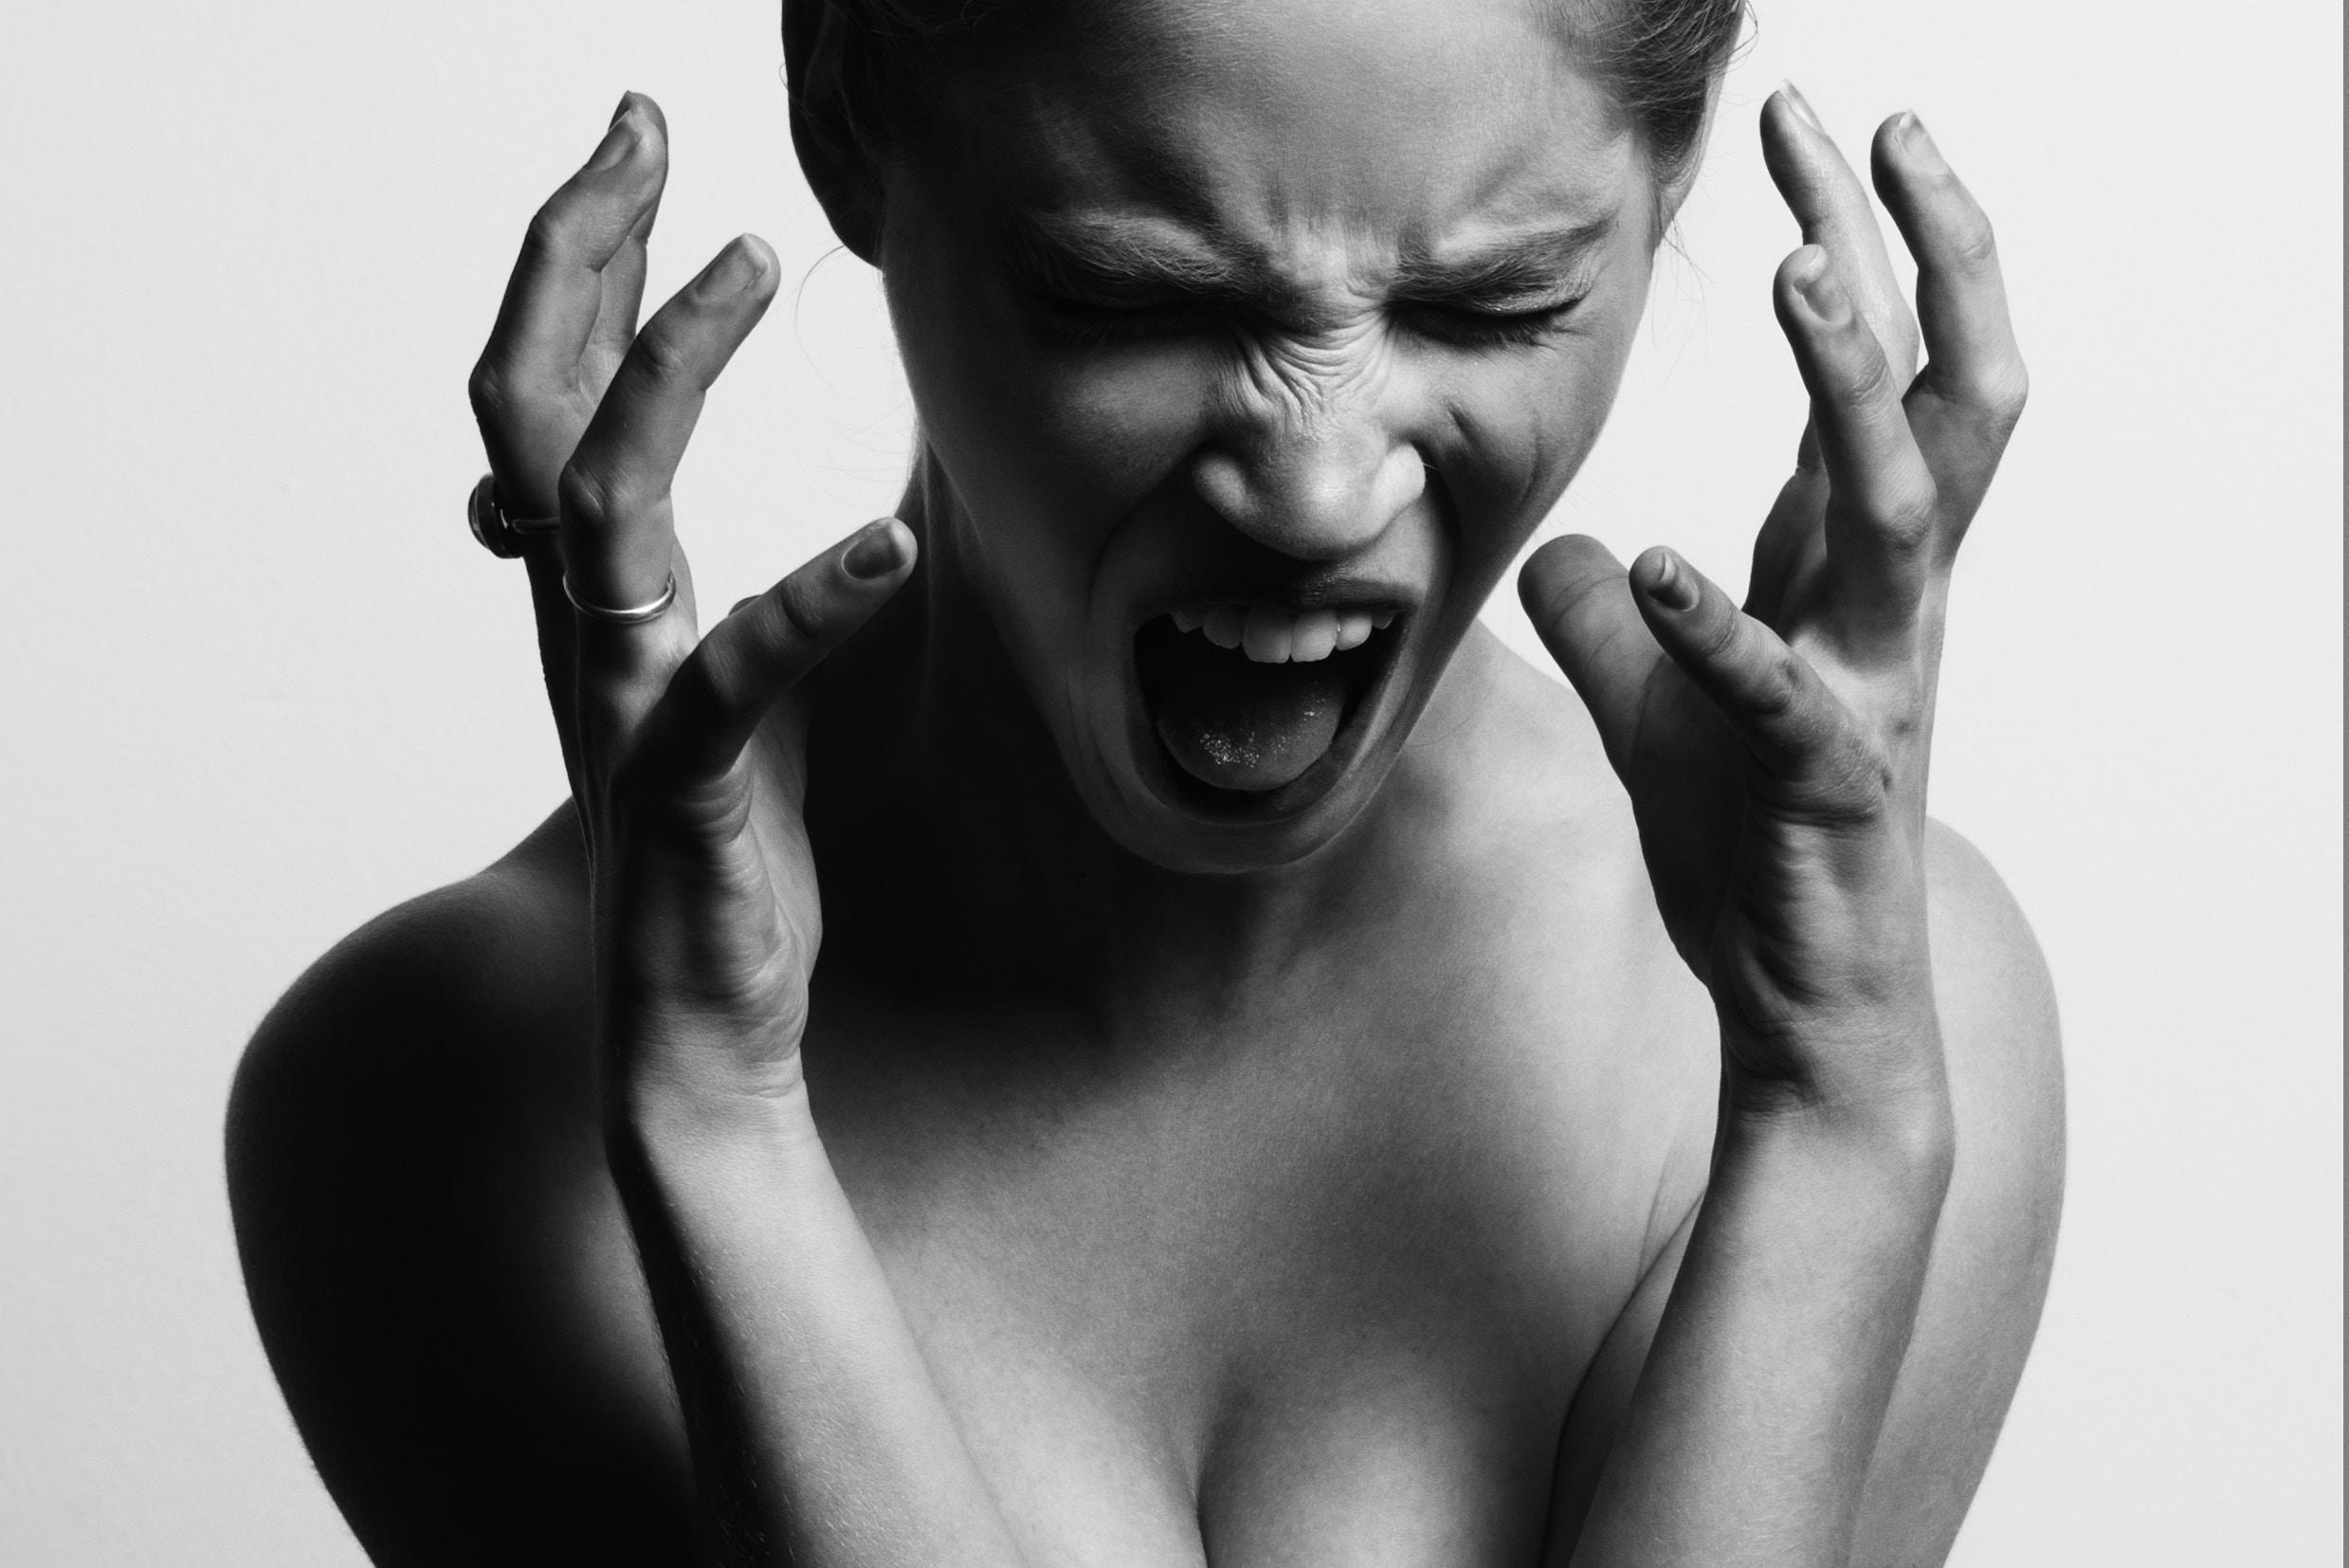 kobieta odczuwająca ból